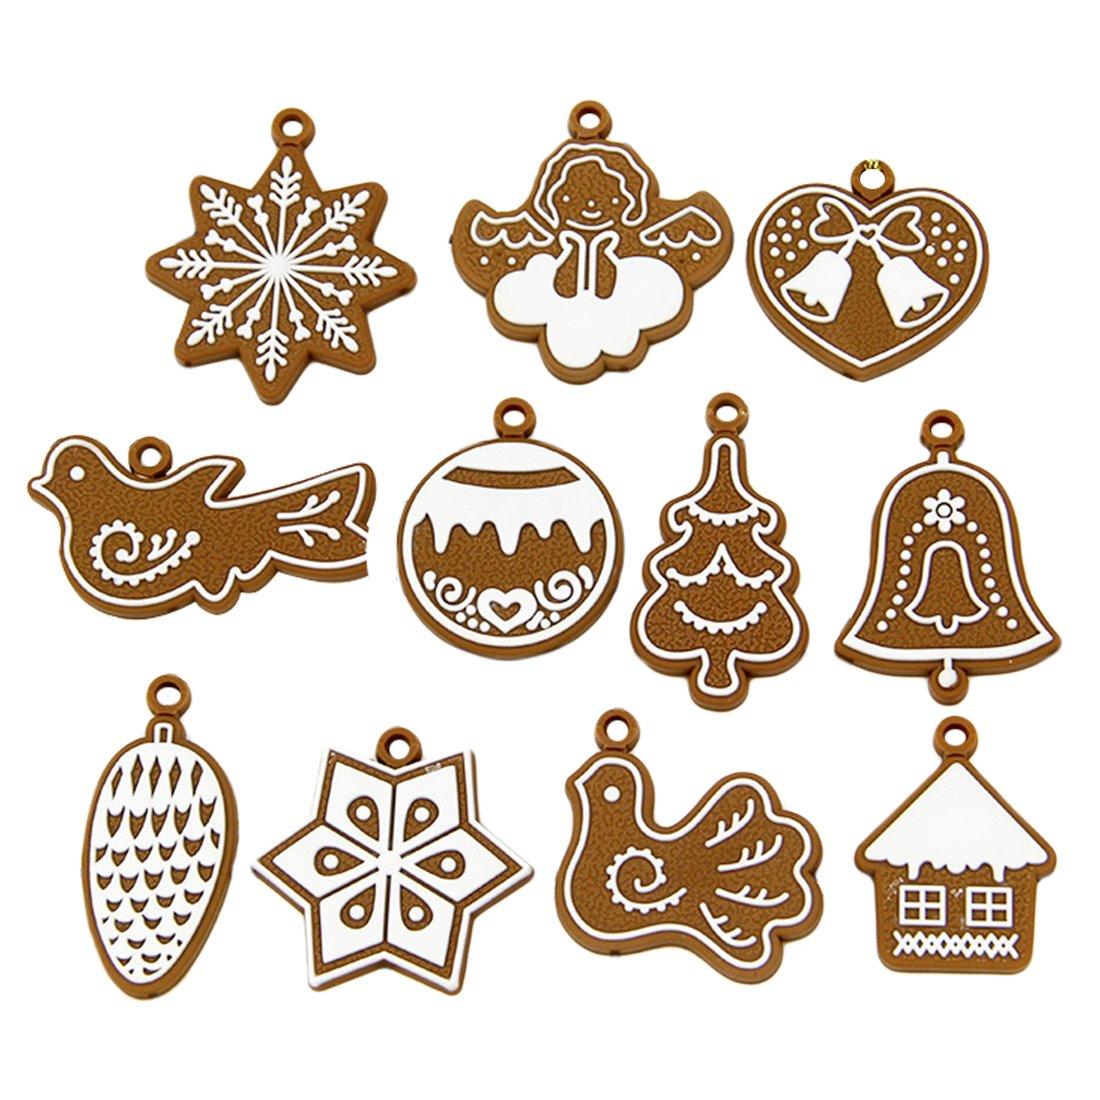 Arcilla del polímero Fimo Árbol de Navidad adornos Navidad fiesta casa decoración de Navidad Luwu-Store